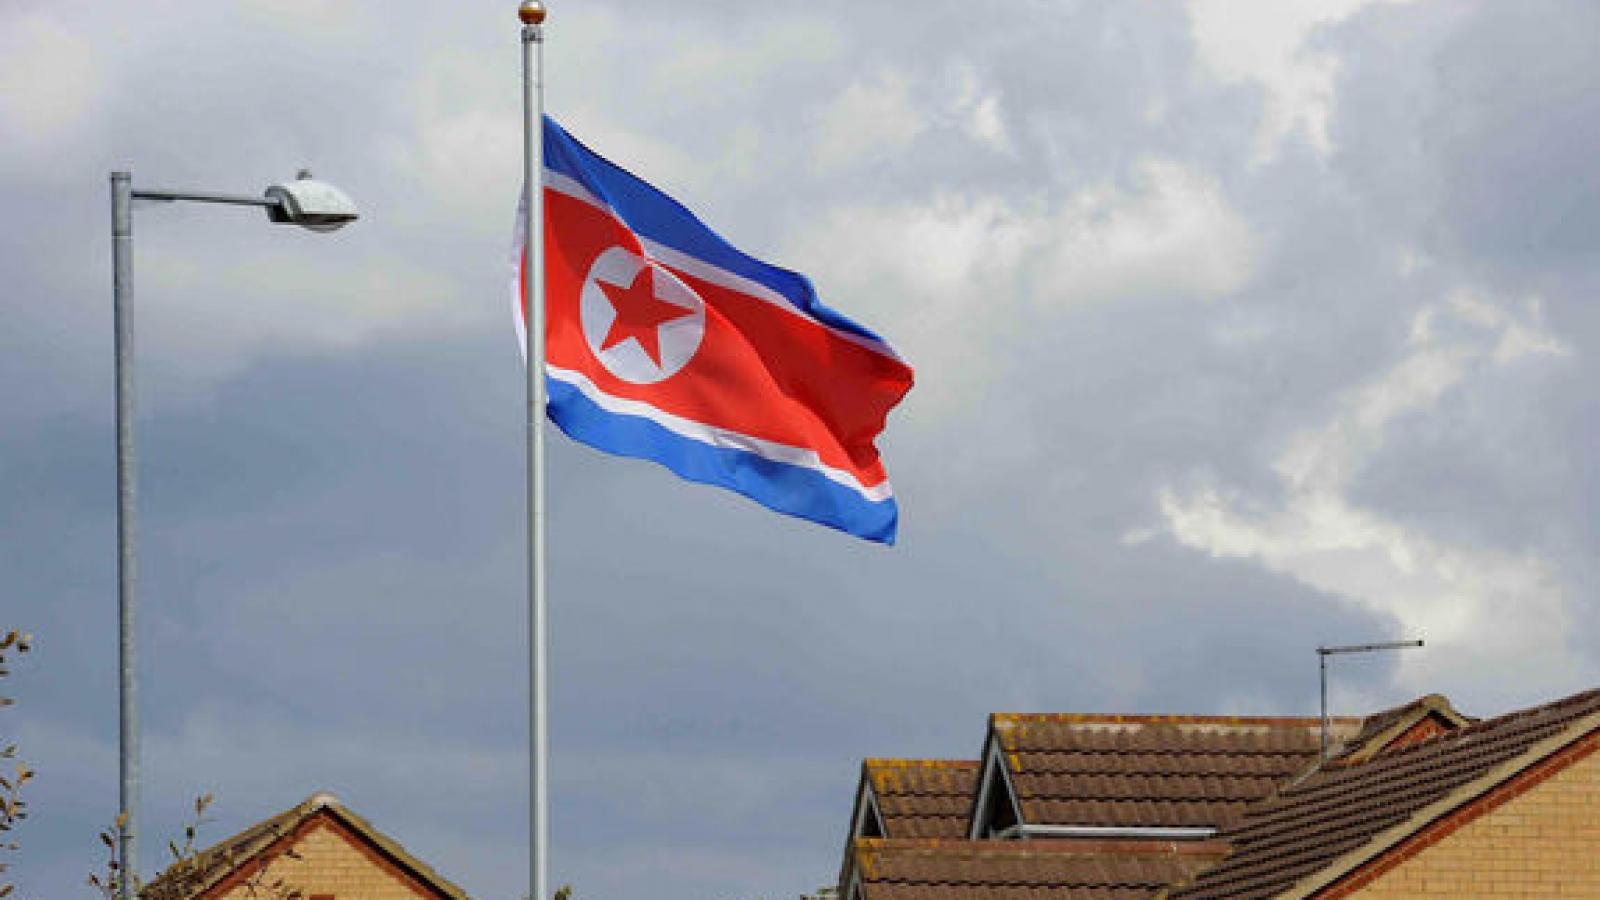 Tổng Bí thư gửi Điện mừng Quốc khánh Triều Tiên